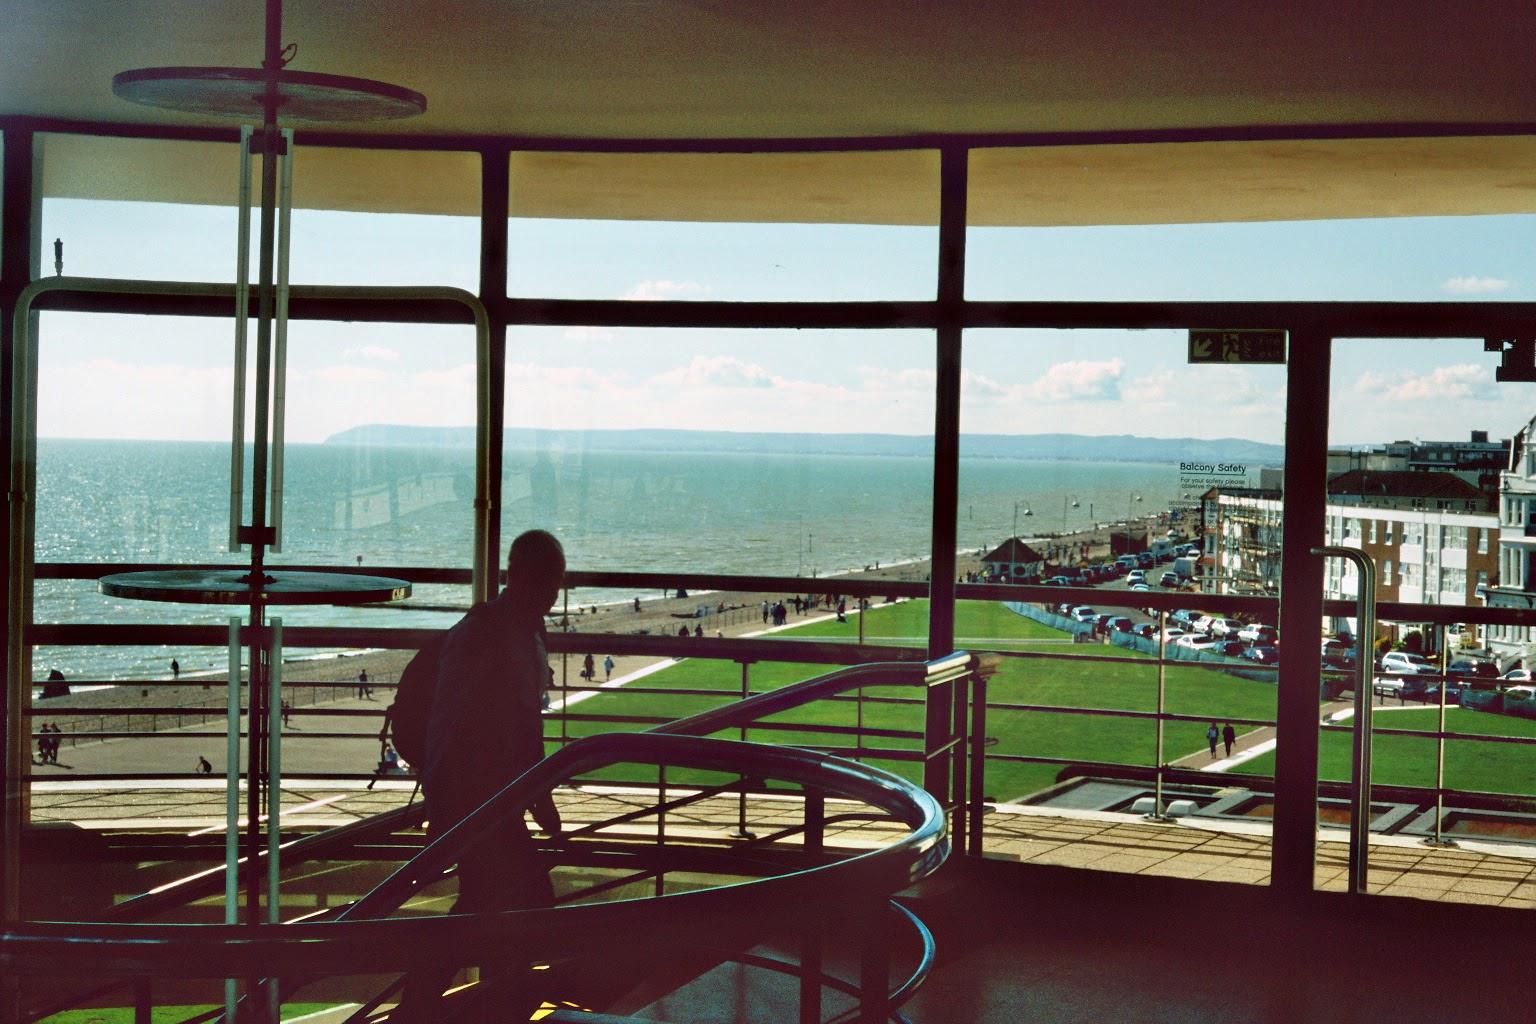 De-La-Warr Pavilion Bexhill September 2015